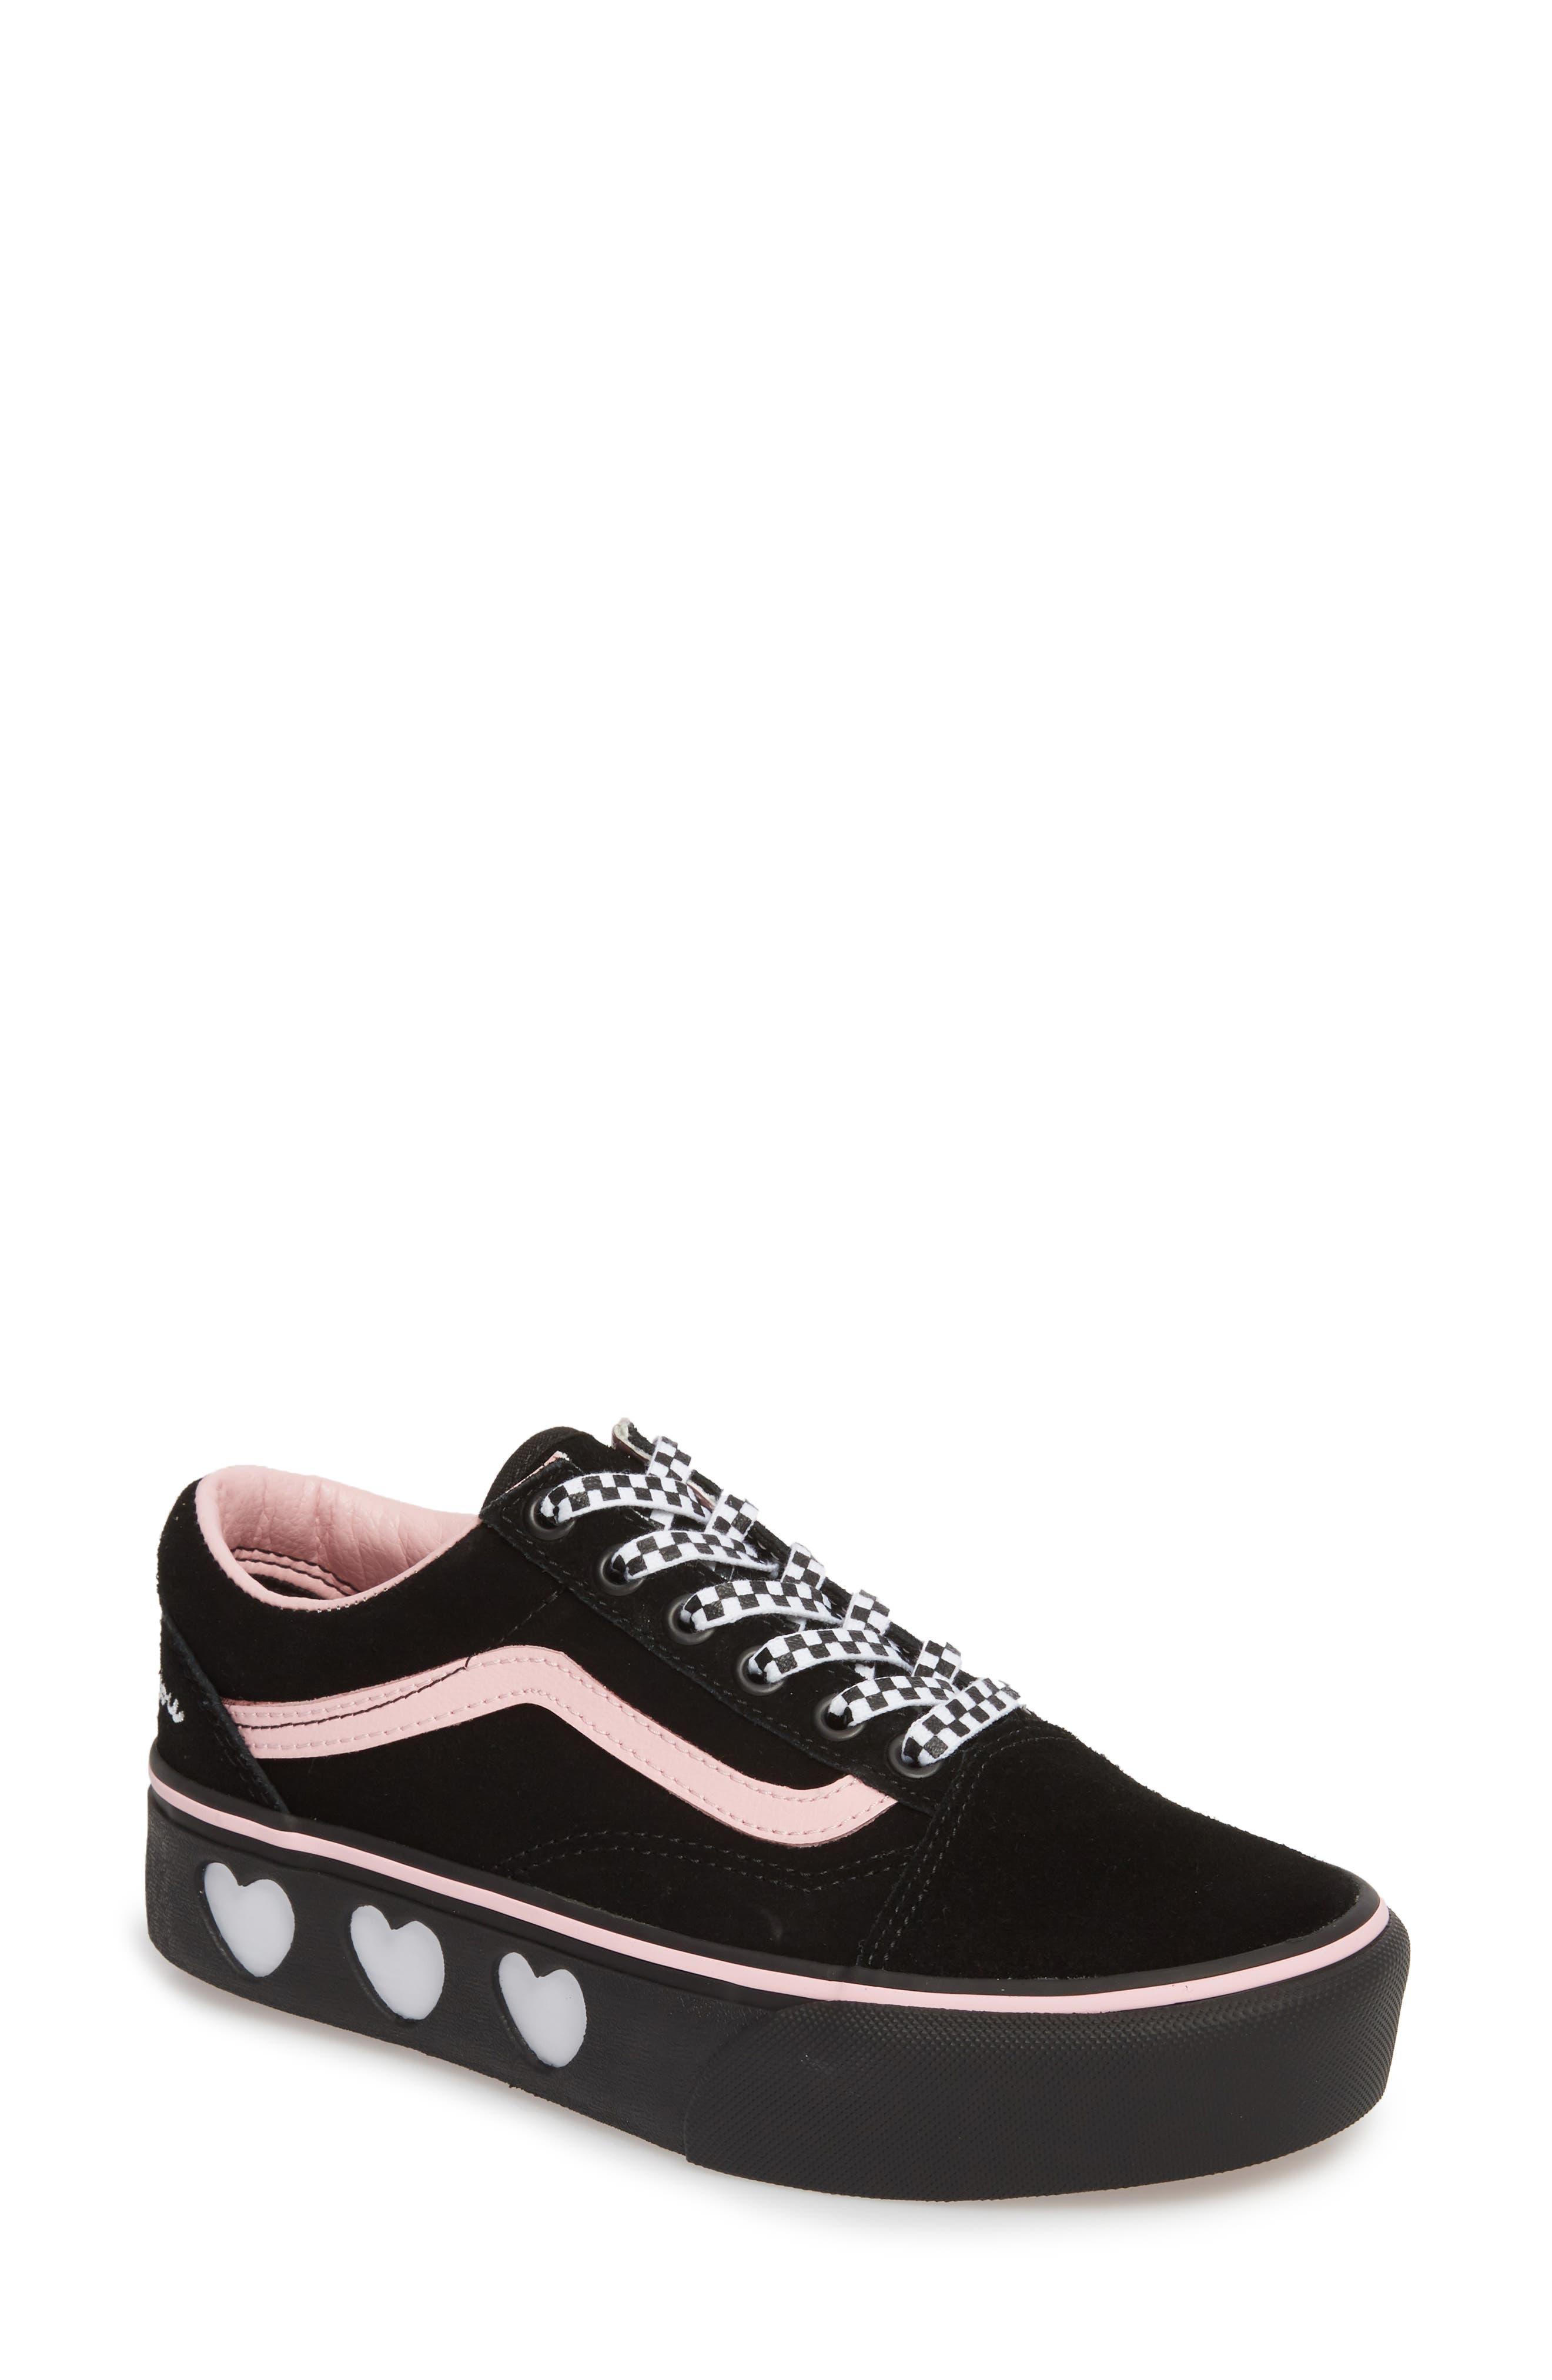 Main Image - Vans Old Skool Platform Sneaker (Women)